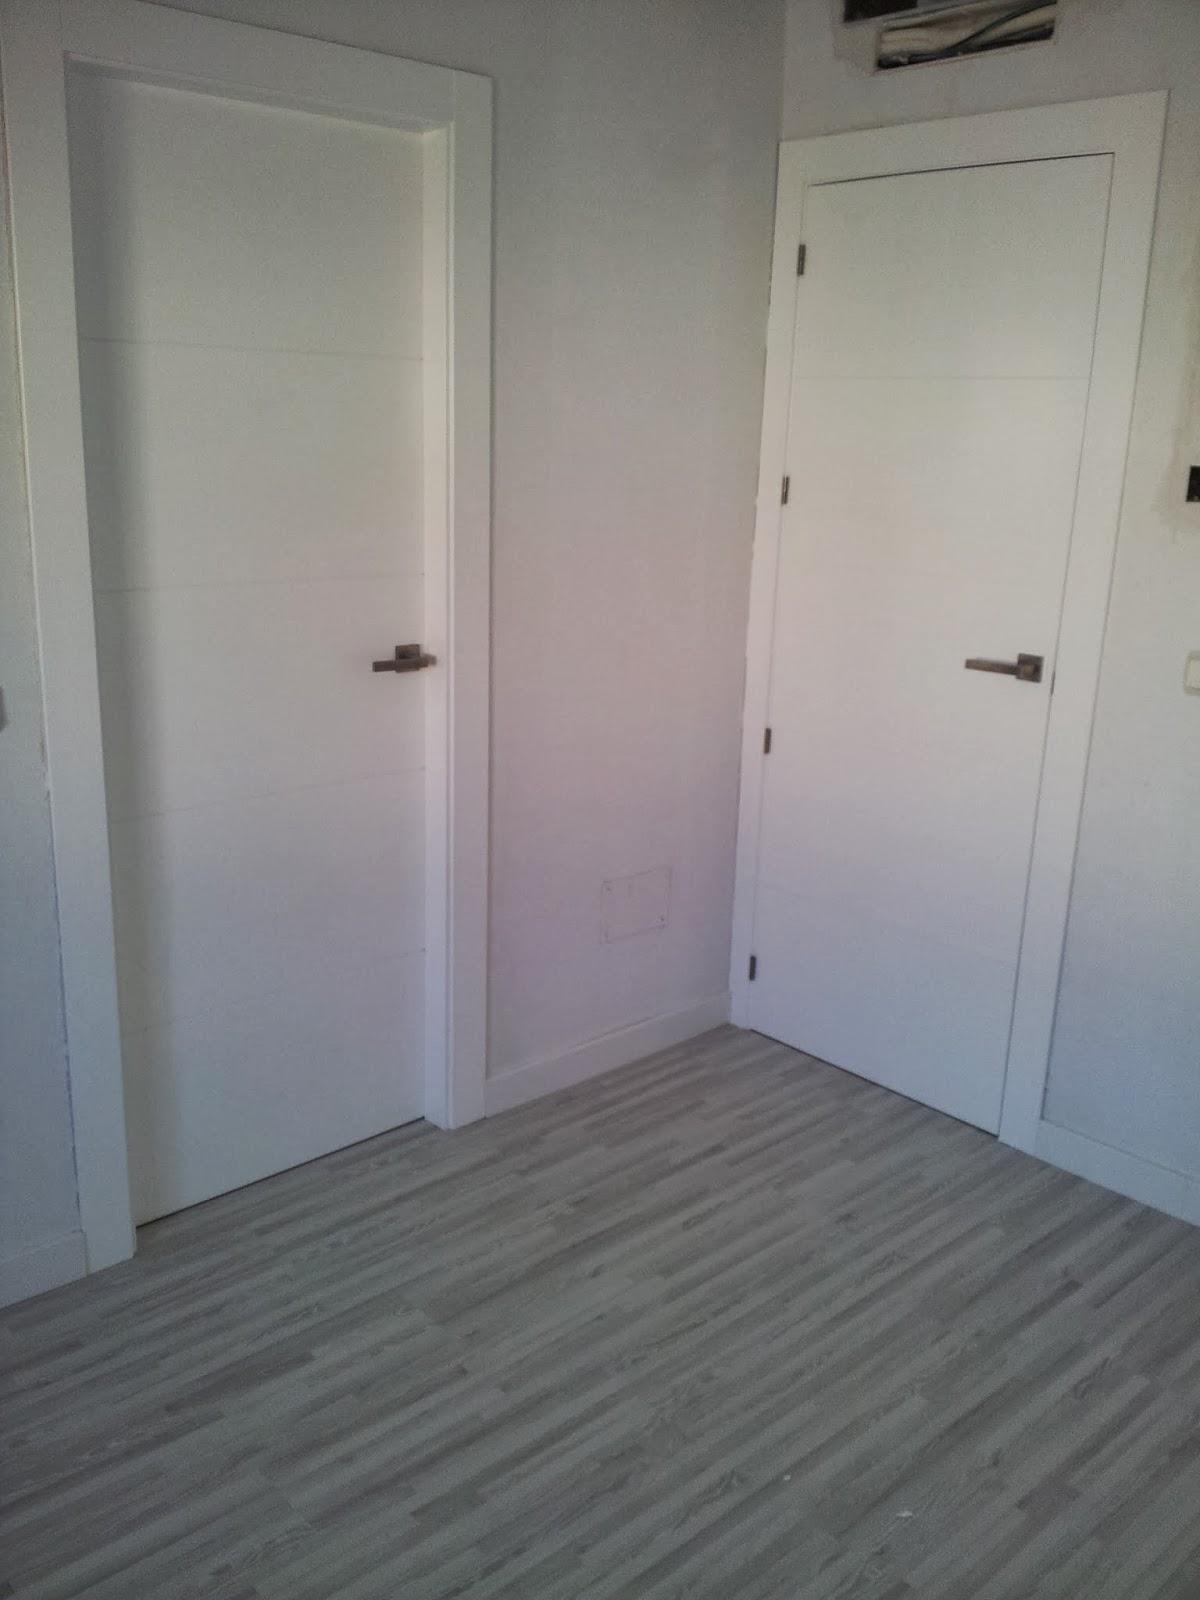 Pjmc trabajos carpinteria puertas de paso blancas for Suelo gris y puertas blancas